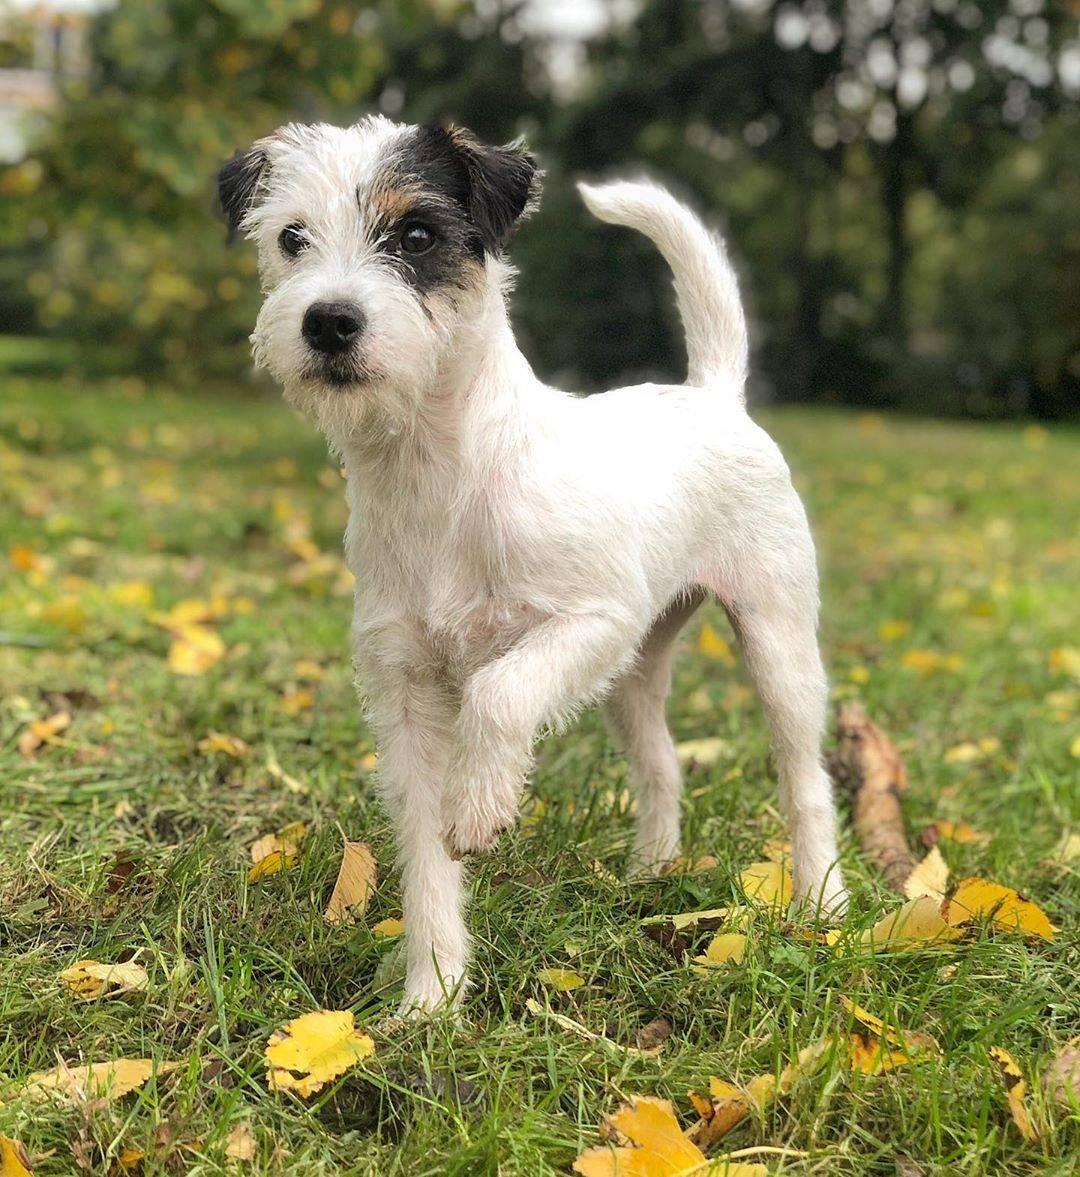 Порода собак парсон рассел терьер — энергичная, выносливая и бесстрашная порода